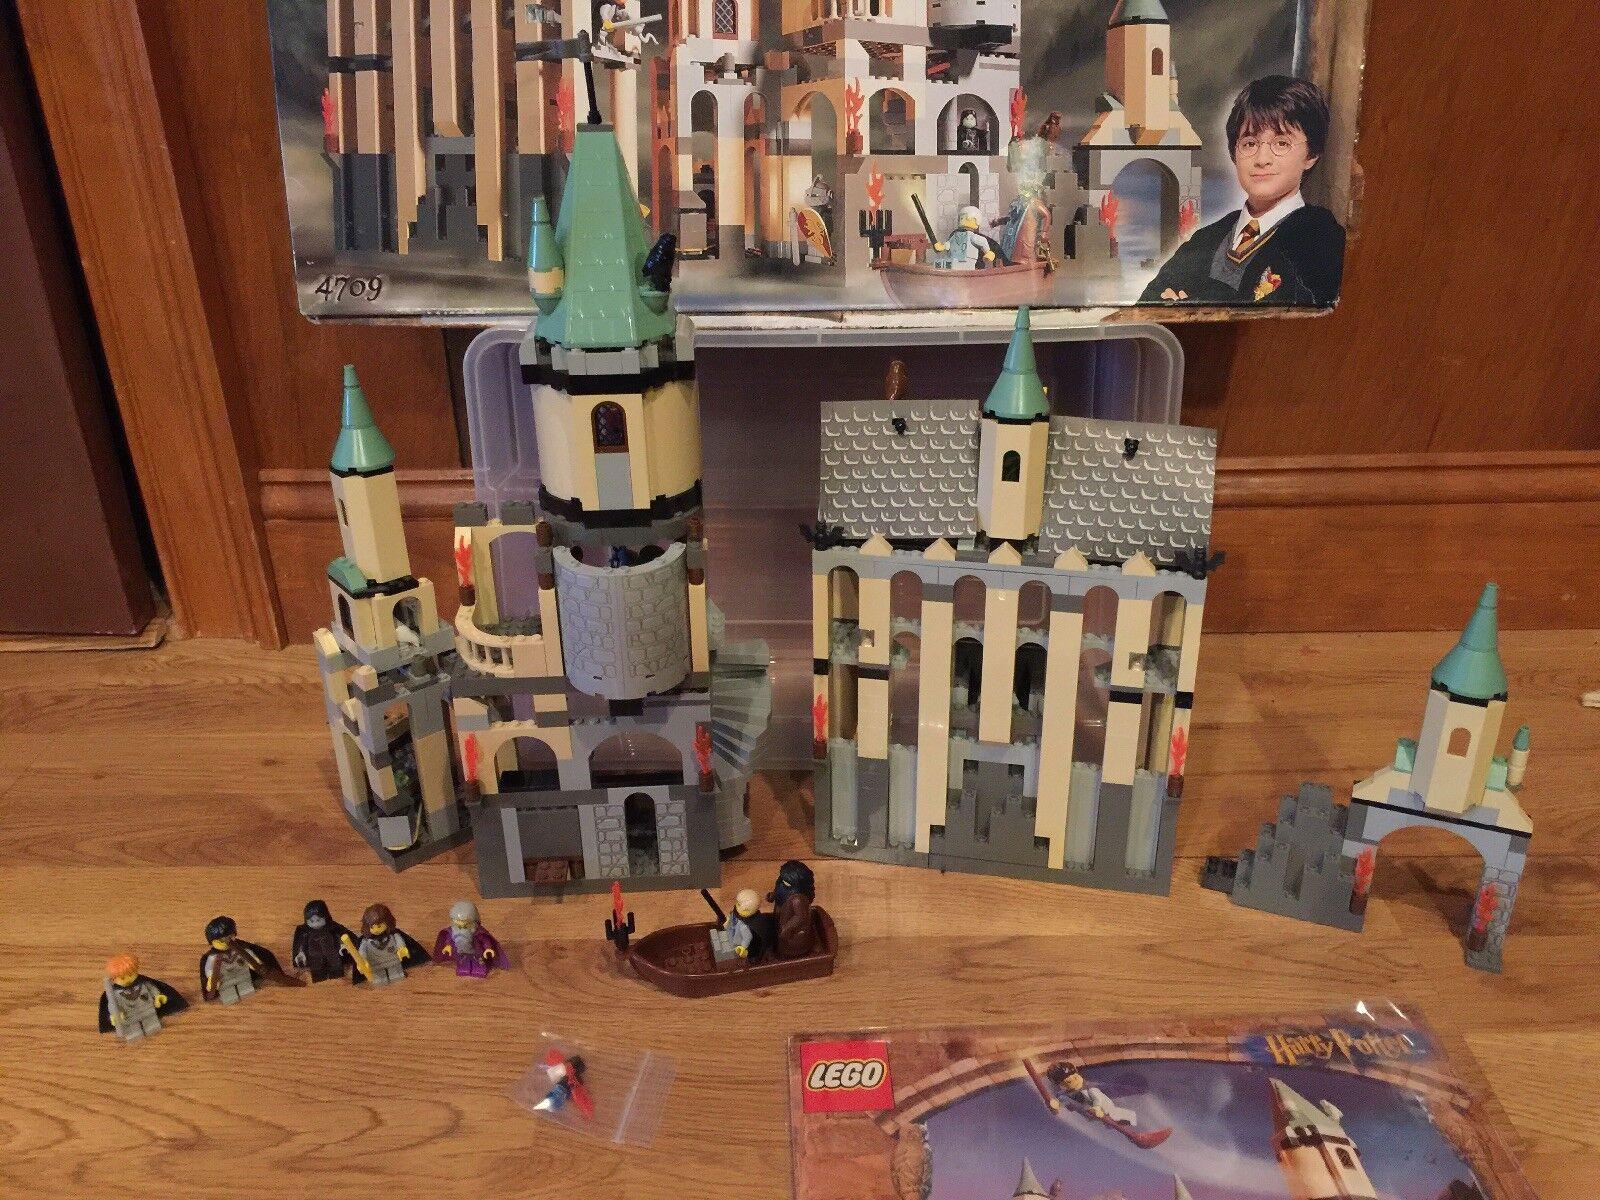 Lego Harry Potter 4709 Castillo de Hogwarts completo en caja con los manuales todas las minifiguras